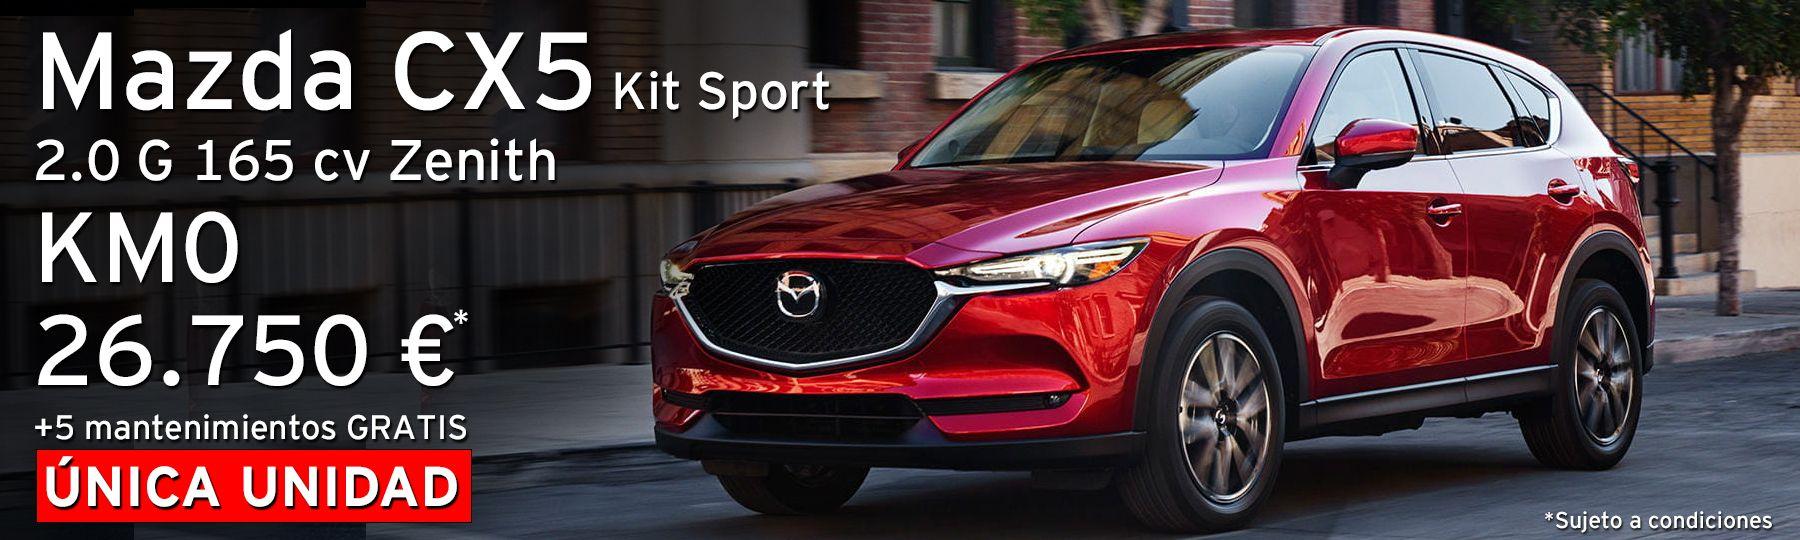 Mazda CX5 2.0G Skyactiv 165 cv Km.0